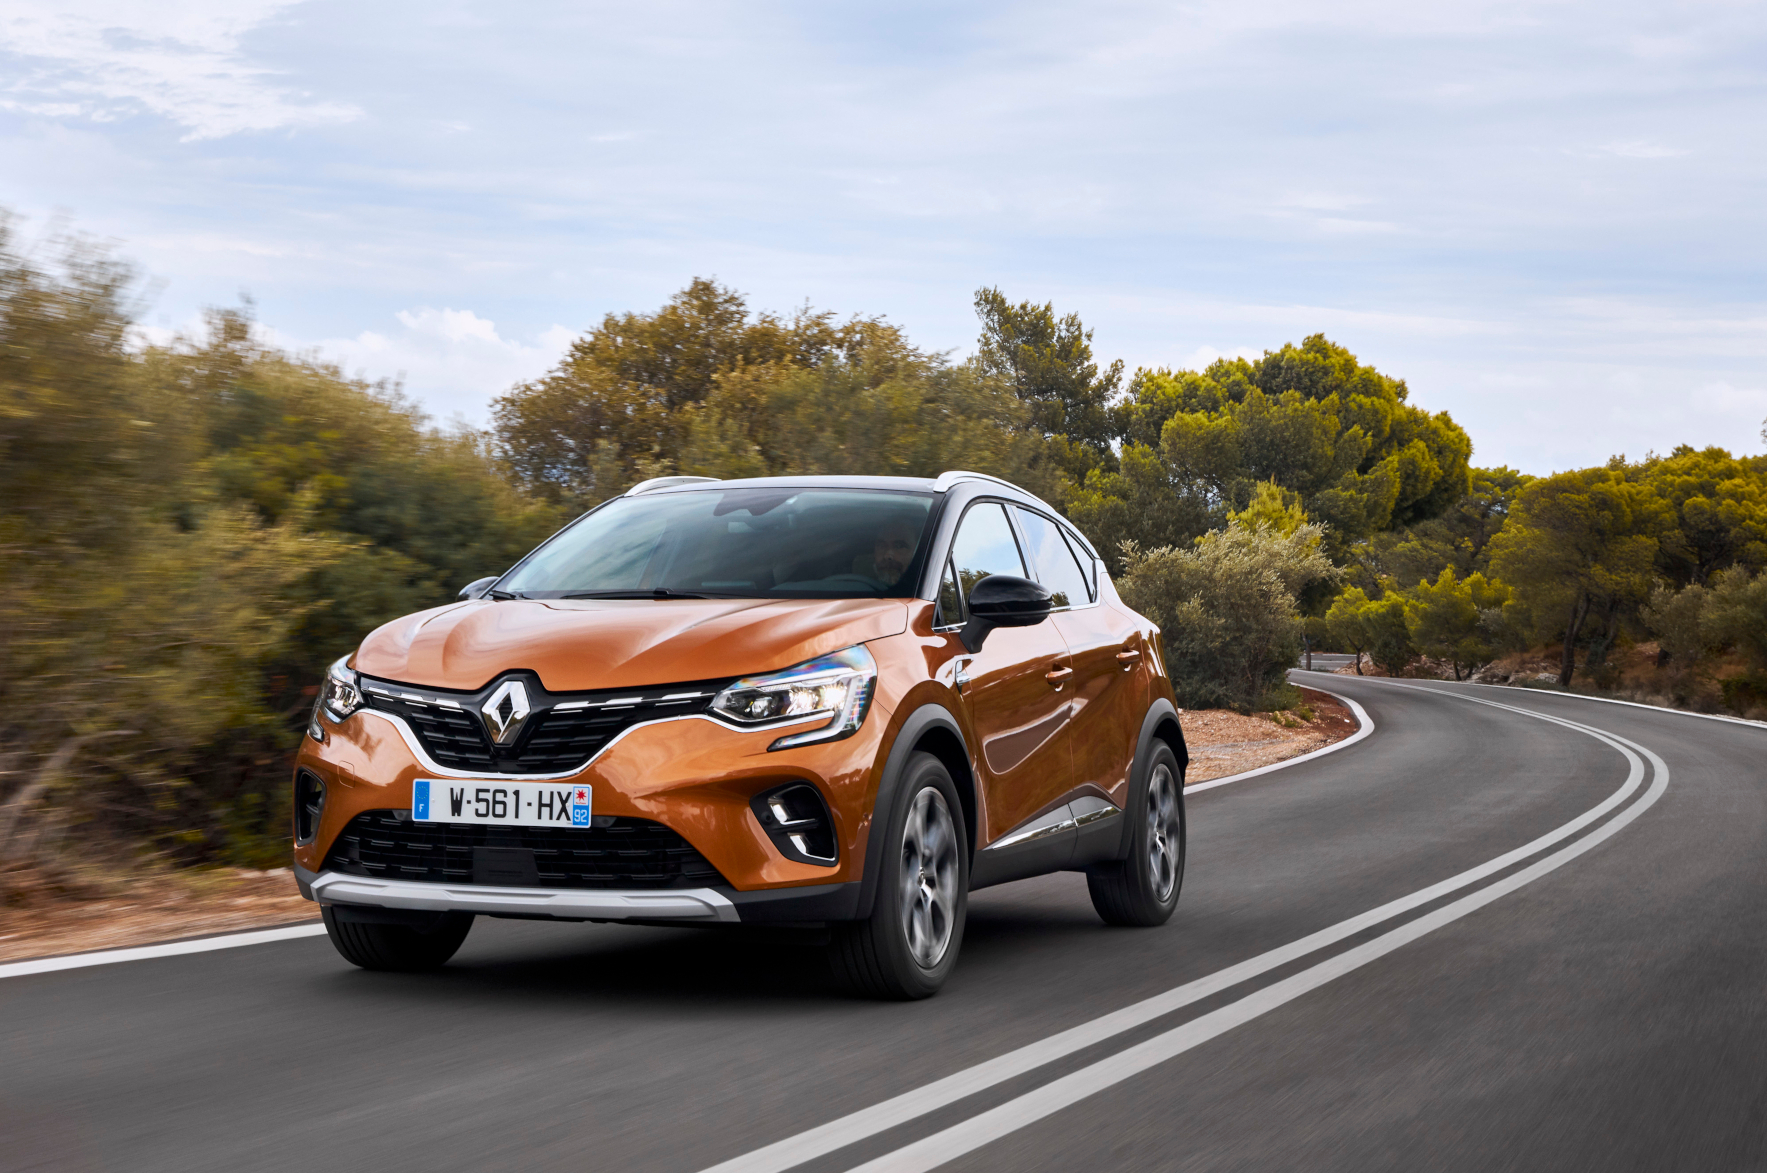 mid Groß-Gerau - Der aktuelle Captur ist jetzt auch mit Autogas-Antrieb zu haben. Renault